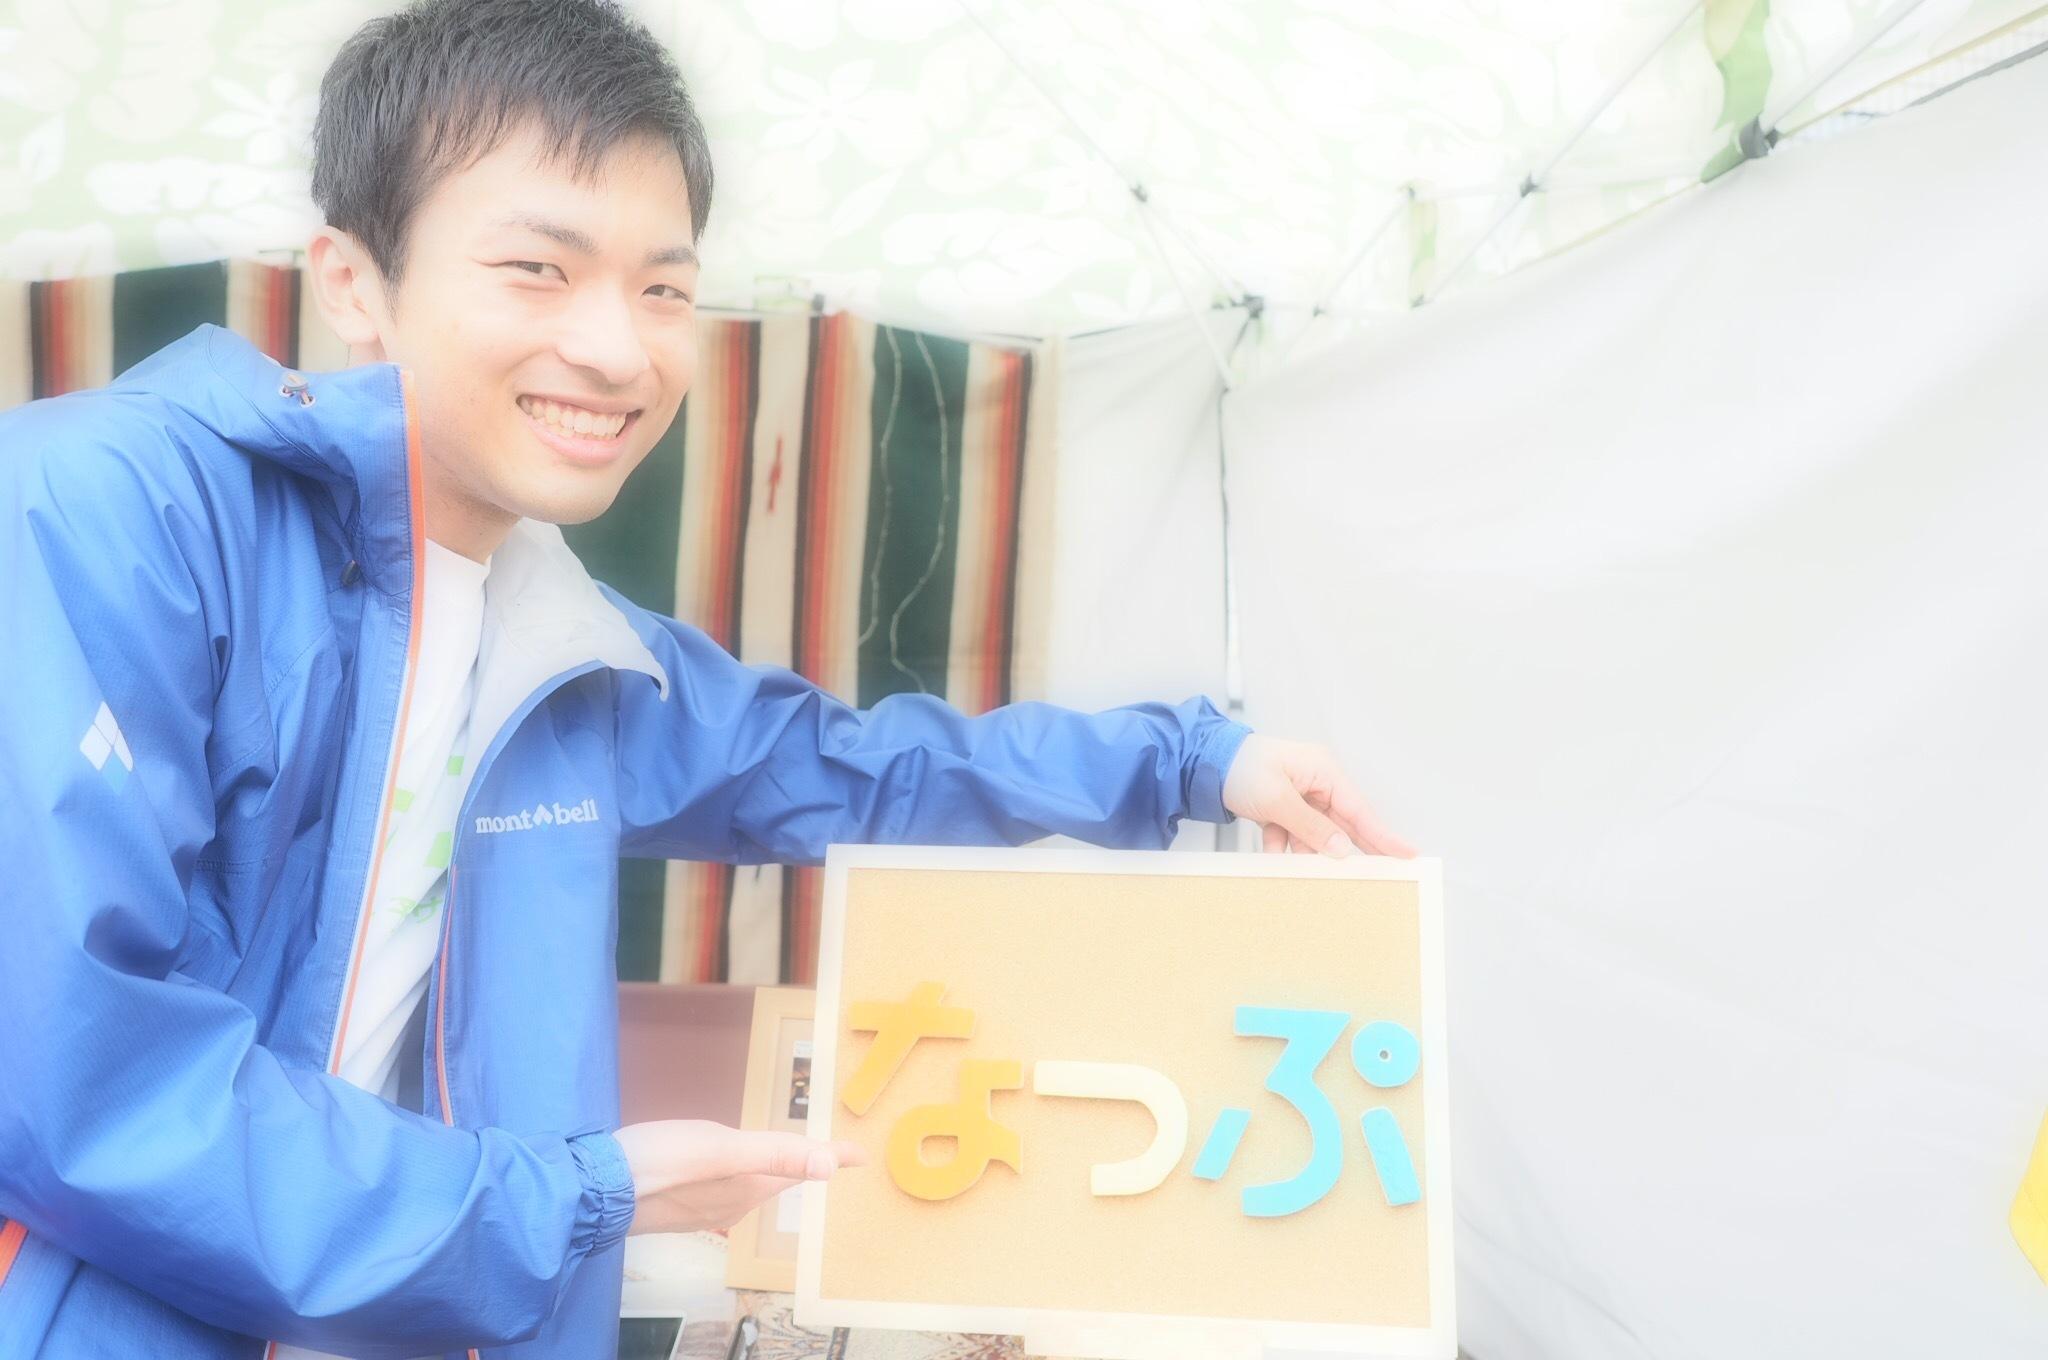 【Photo】アウトドアデイジャパン「笑顔」コレクション!_b0008655_21525658.jpg